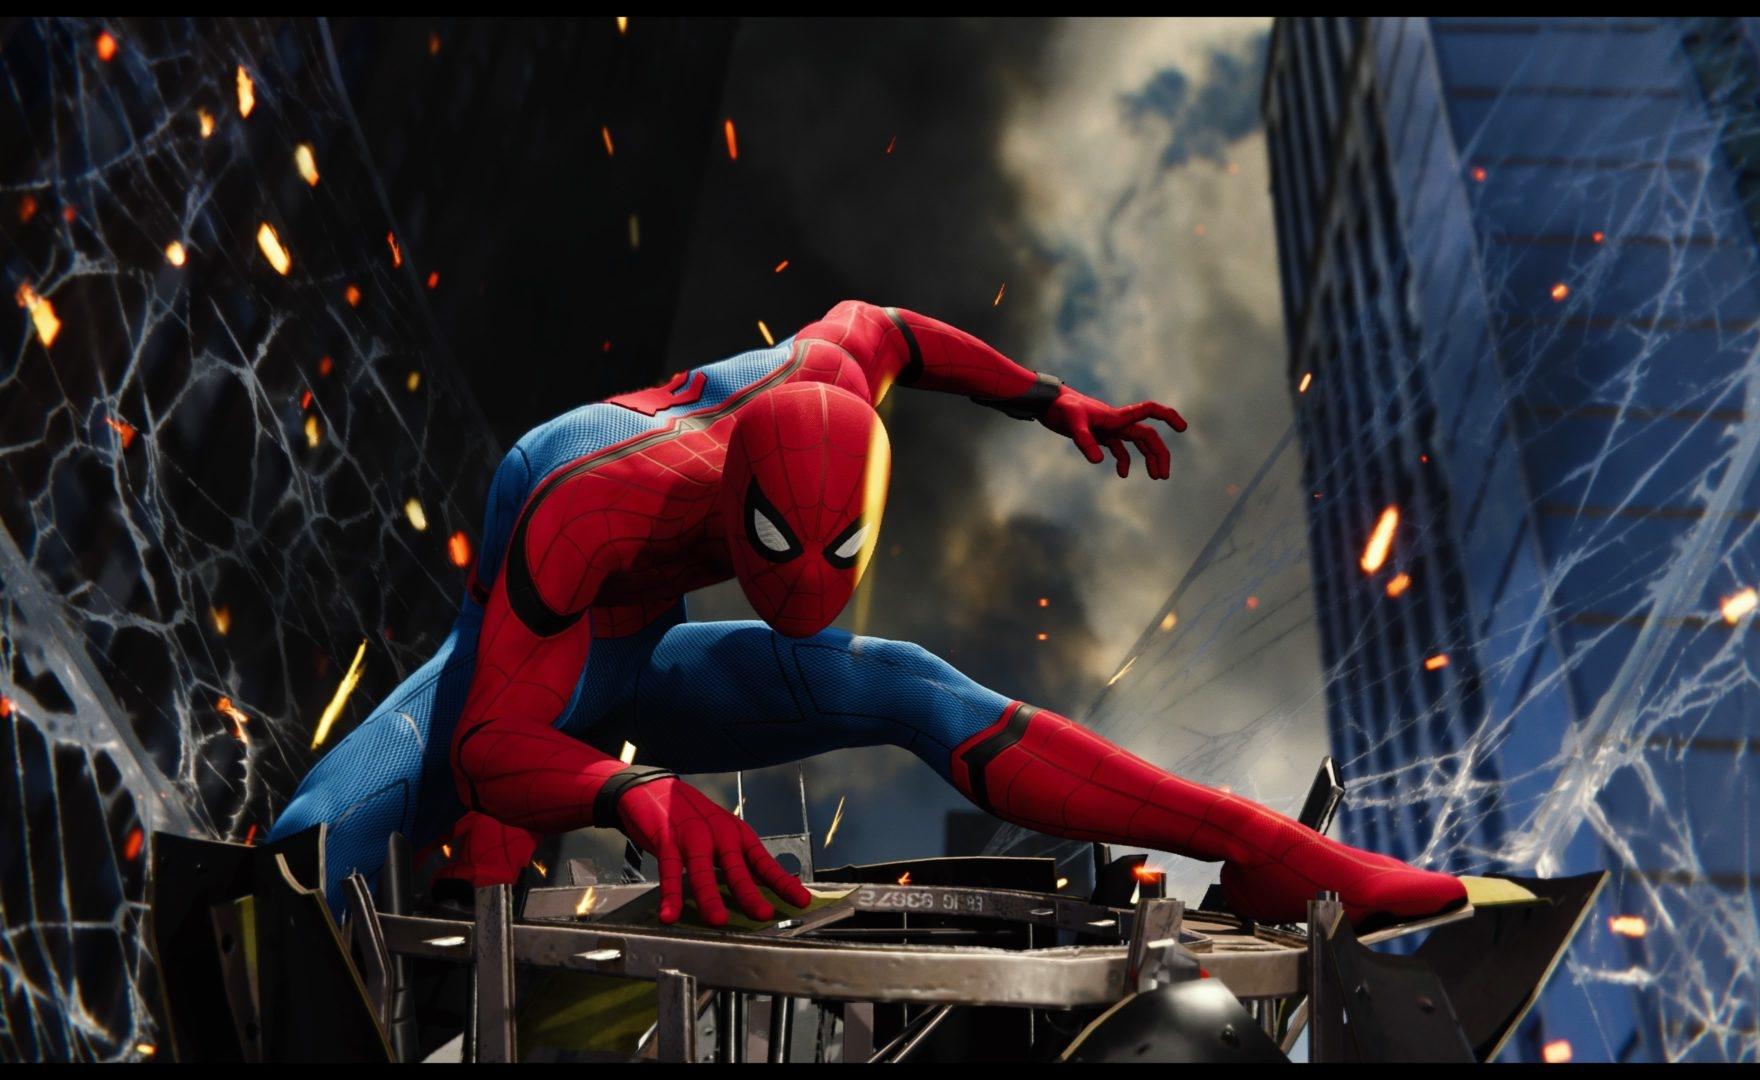 Marvel's Spider-Man 2 sarà annunciato insieme a PS5 il prossimo mese secondo i rumor